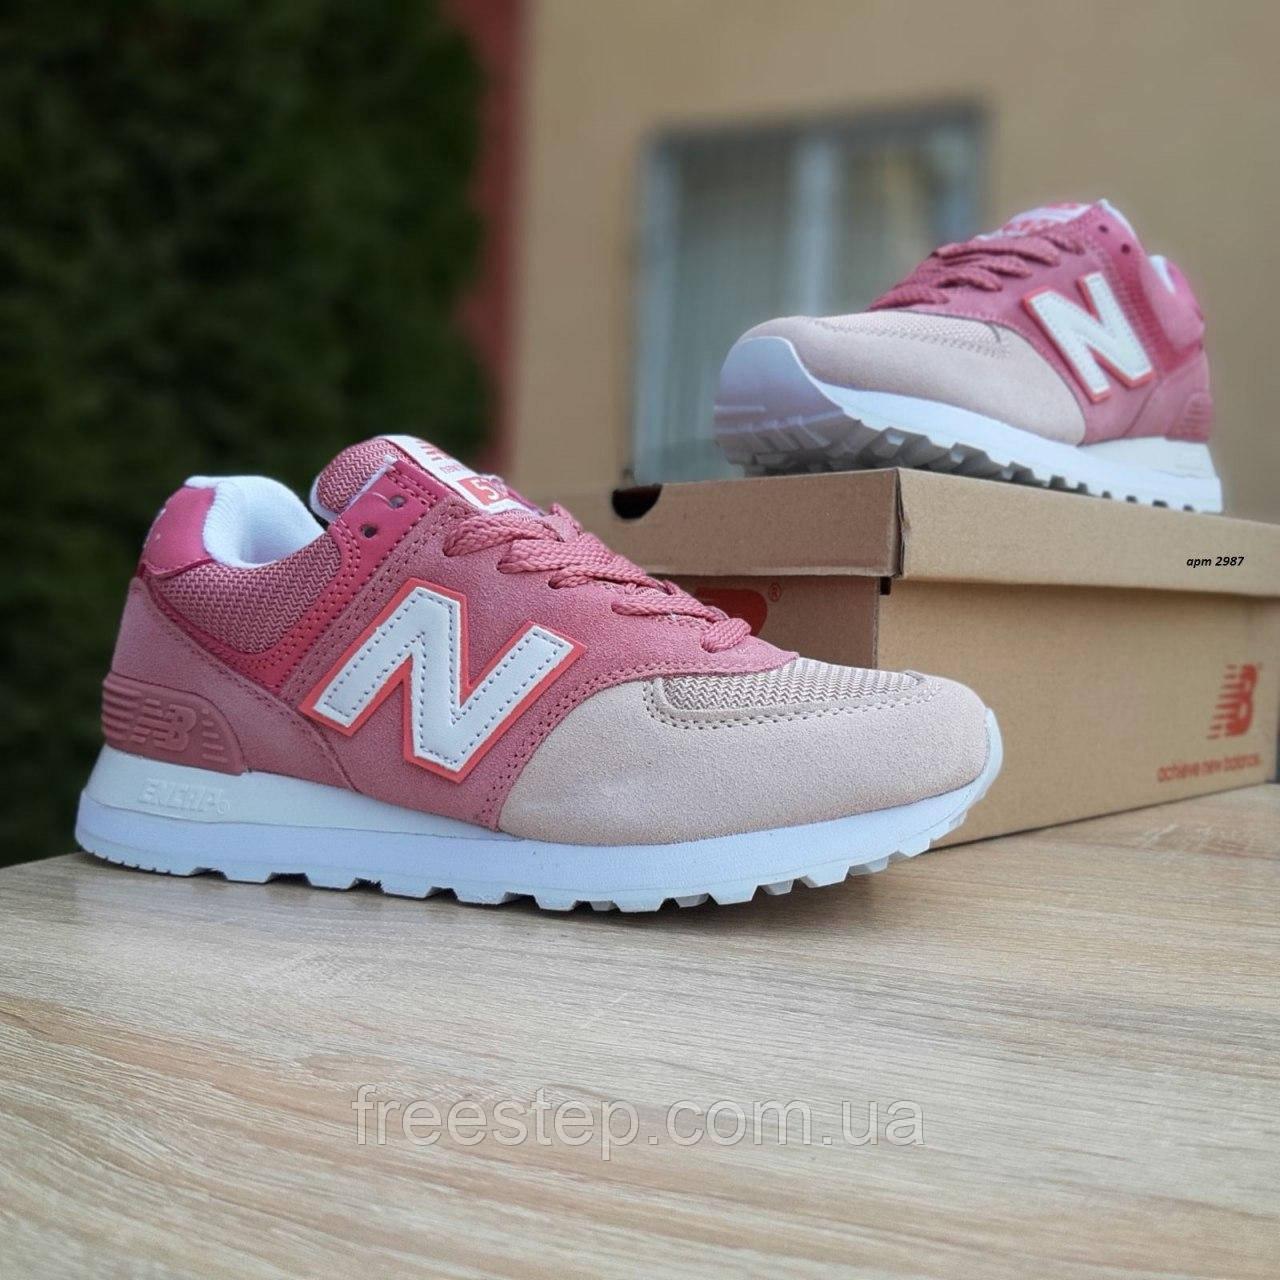 Жіночі кросівки в стилі New Balance 574 пудра